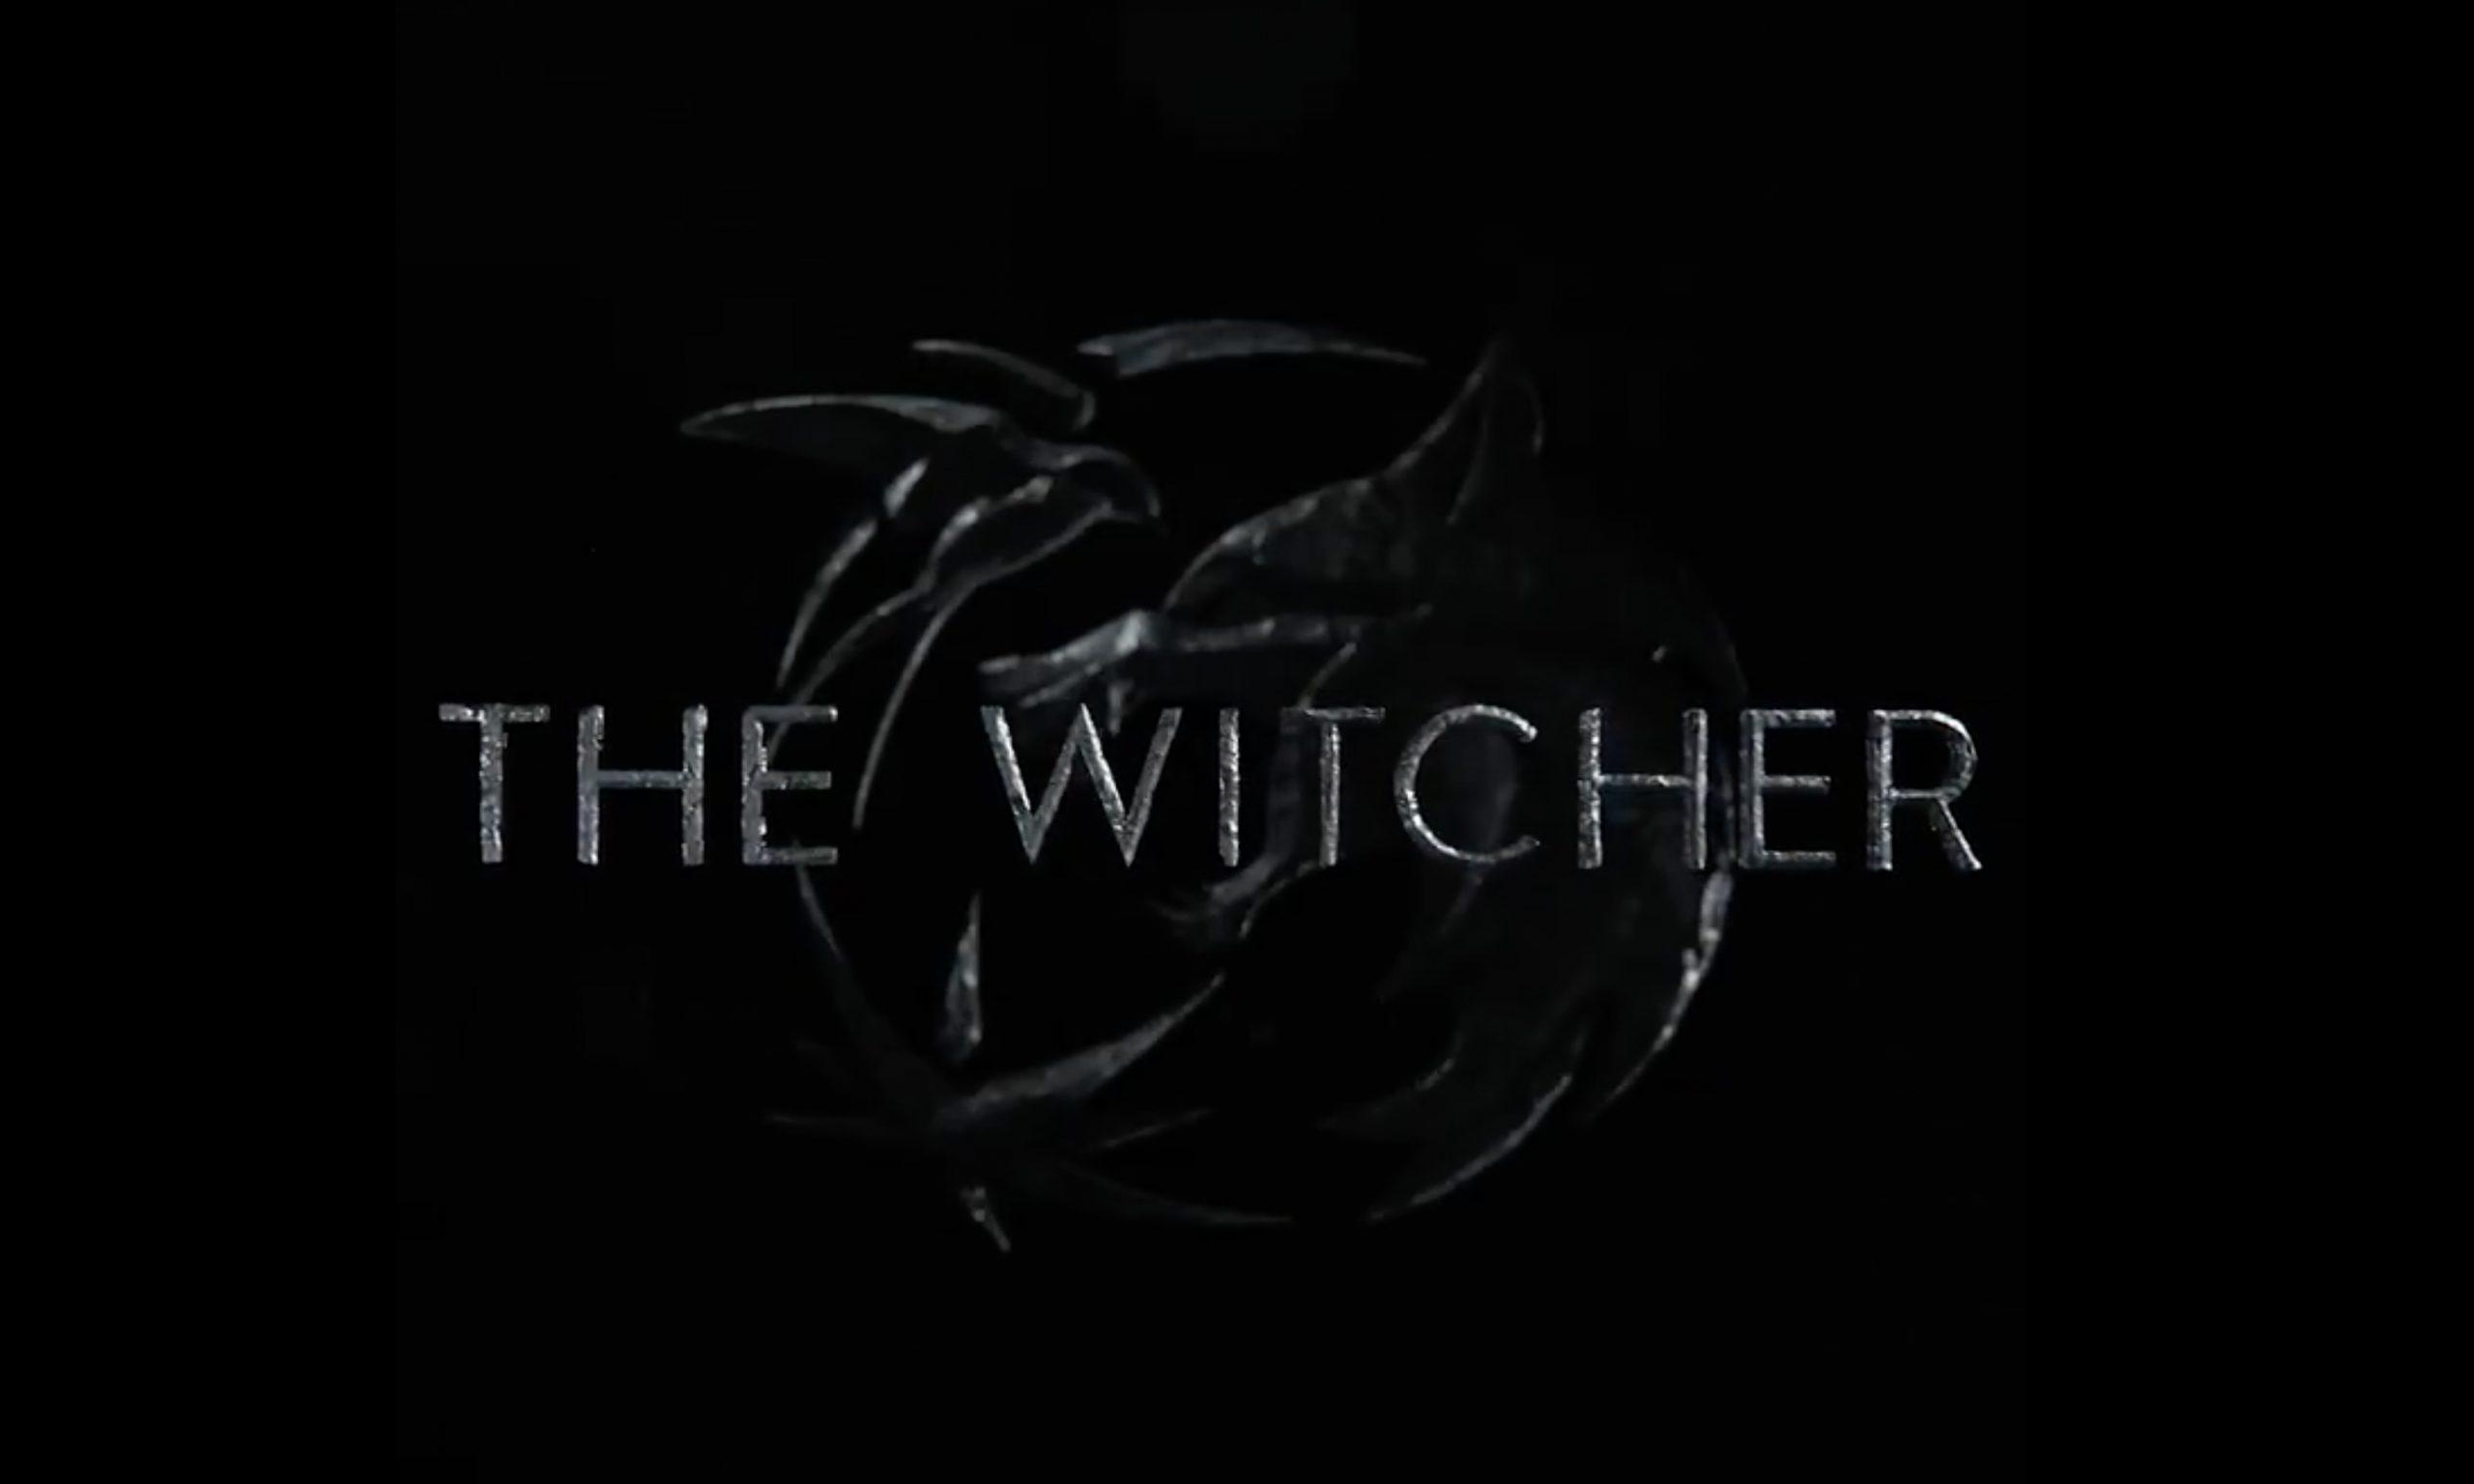 《巫师》第二季先导预告片曝光